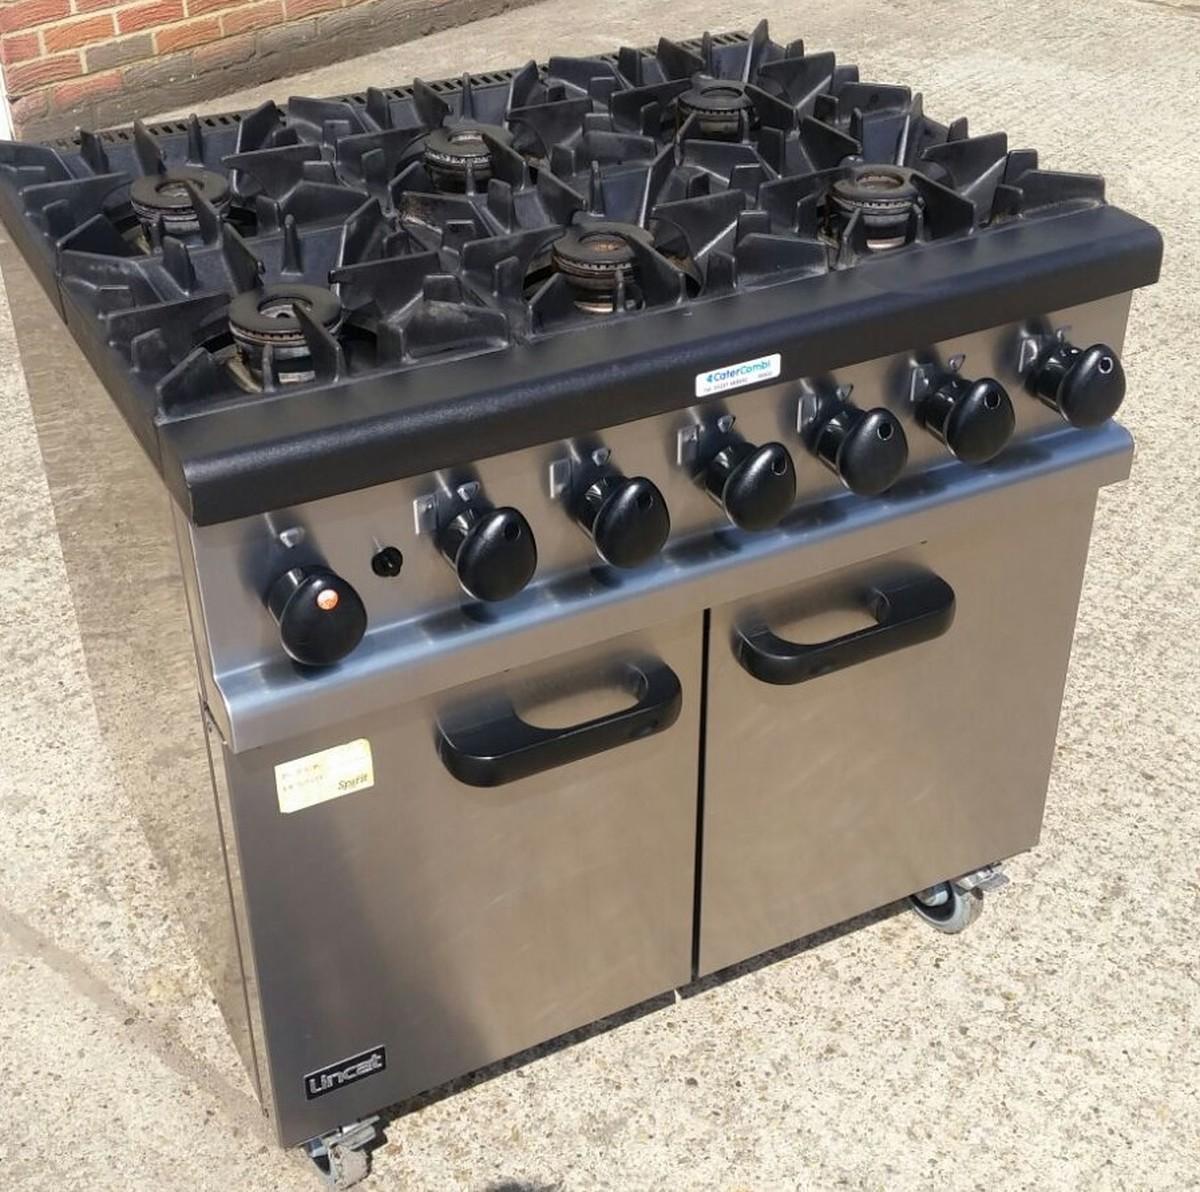 Industrial Kitchen Equipment Rental: Catering Equipment Rentals